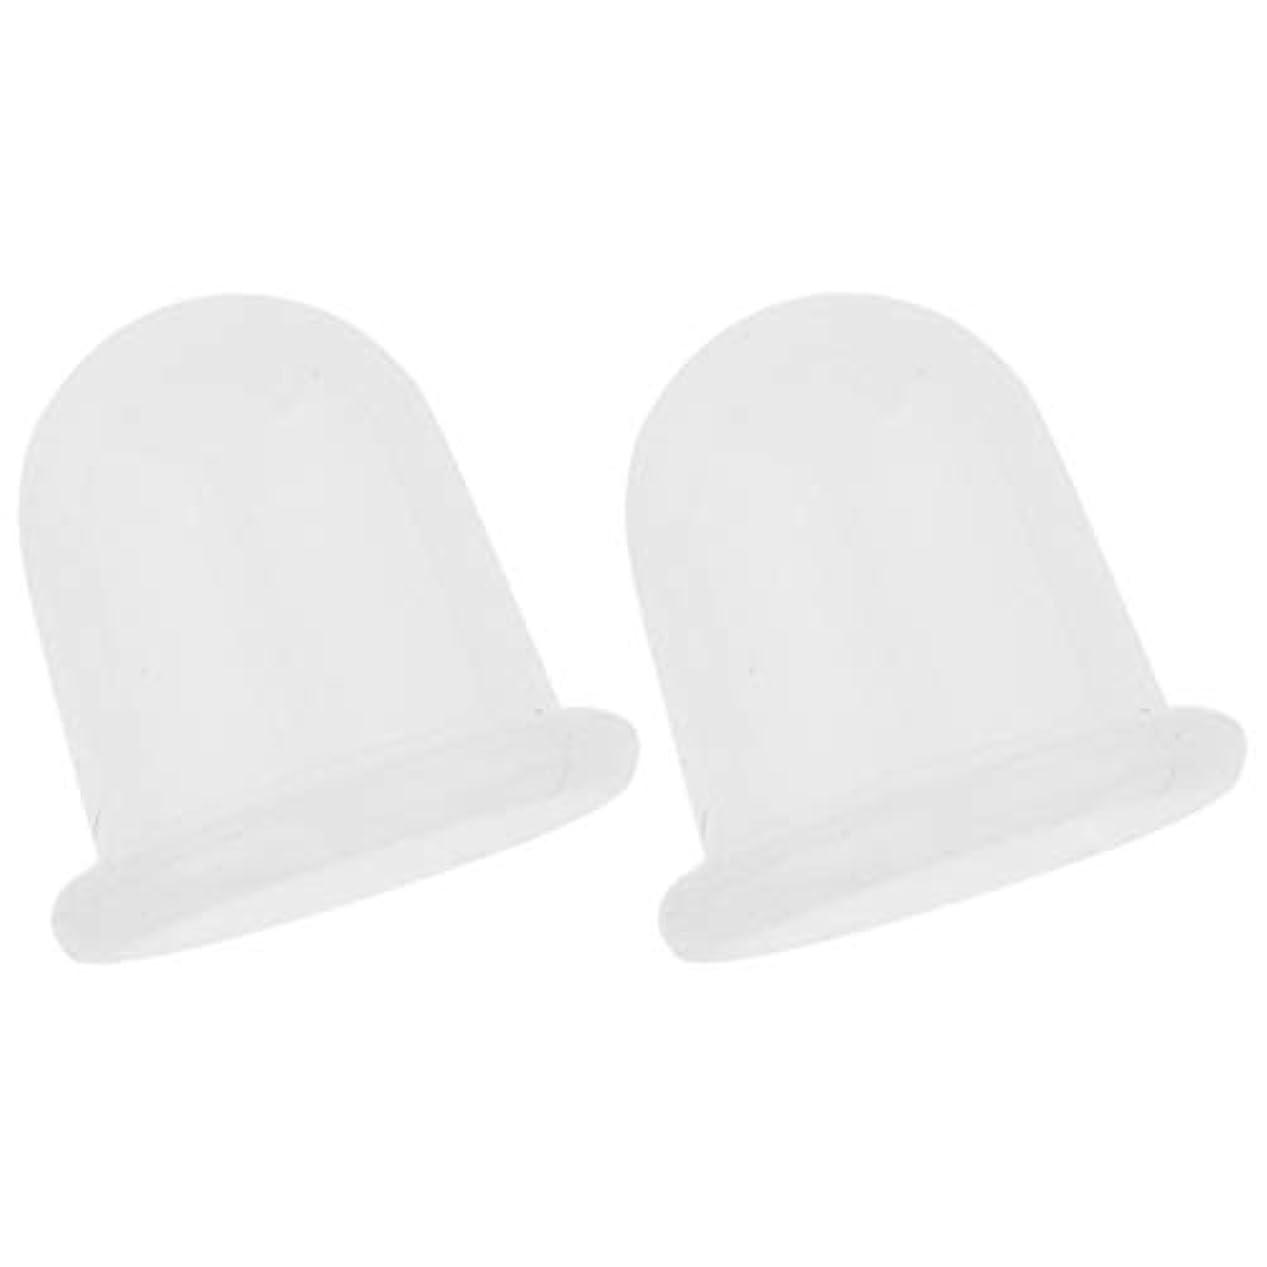 削る弾力性のある積極的にボディー ビューティーストレス 空カップ 吸い玉 真空カッピングカップ 持ち運び 可能 汎用 2個入り